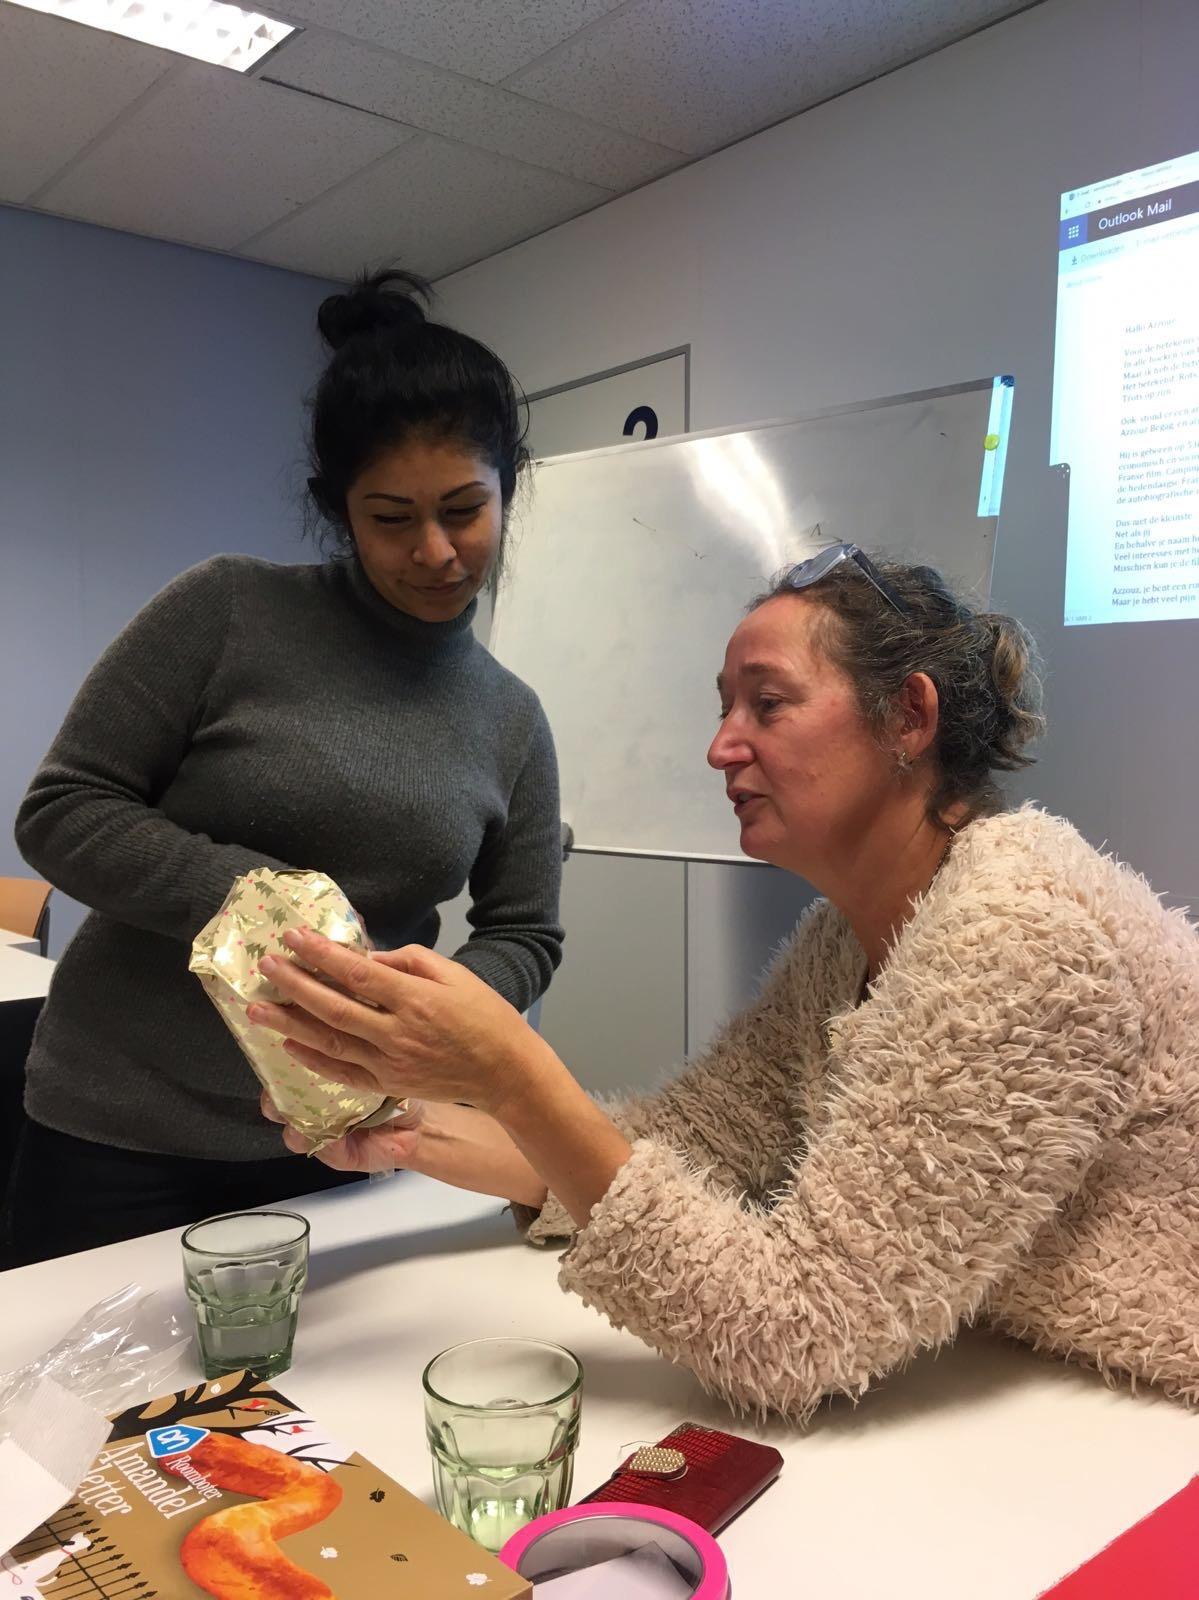 Ons aanbod - We bieden Nederlandse lessen voor tweede taalleerders aan op alle niveau's: beginners, gevorderden en vergevorderden. Ook kun je bij ons examentraining doen voor het Inburgeringsexamen en Staatsexamen I en II.Bekijk het aanbod